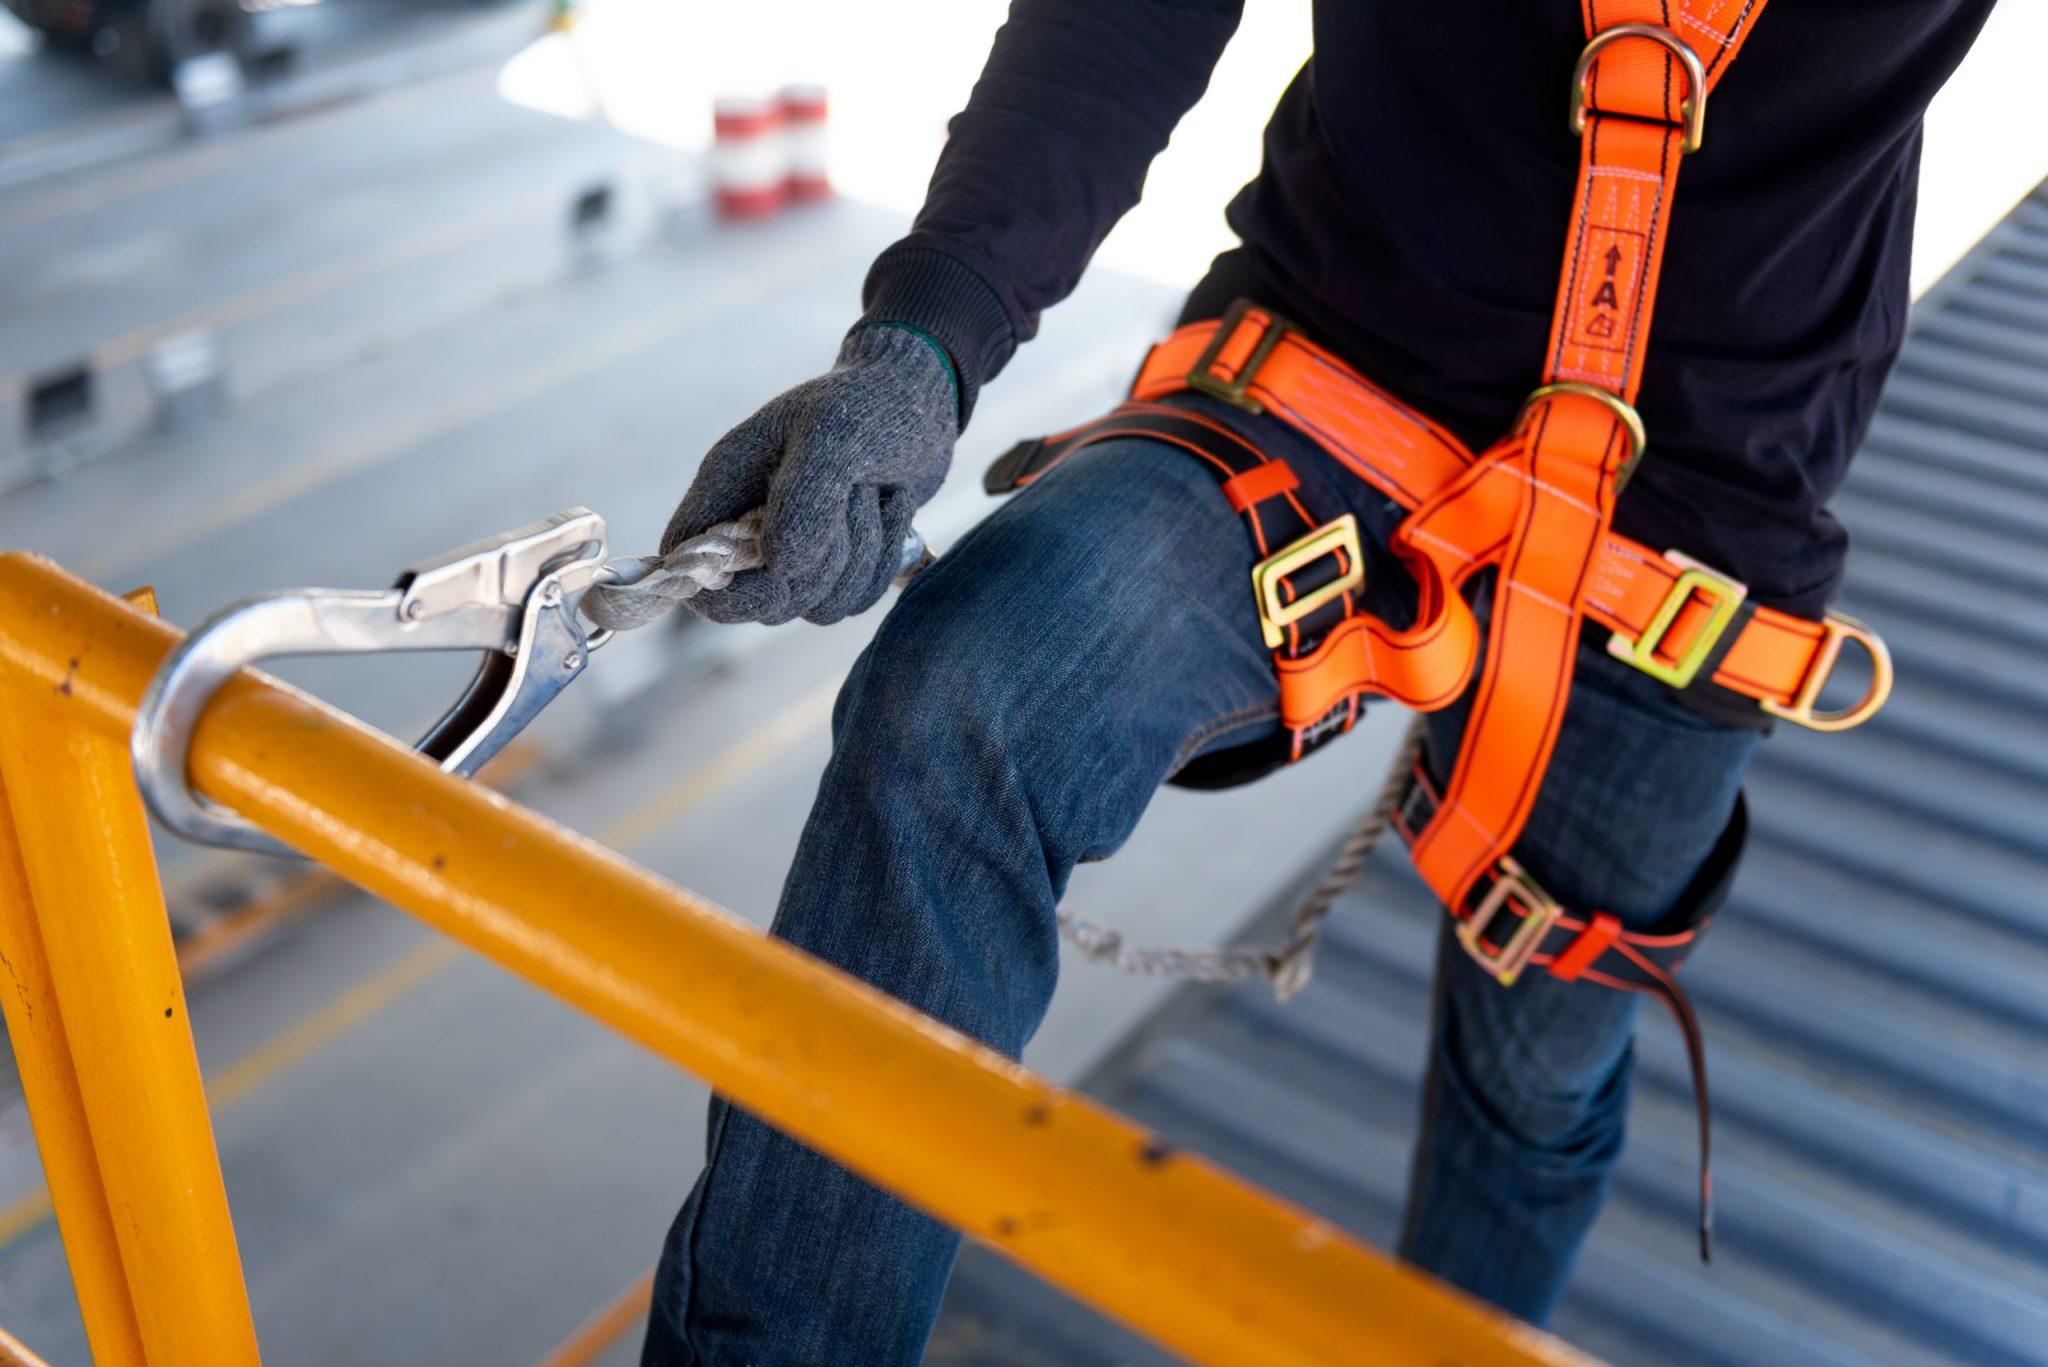 السلامة والصحة المهنية في المشاريع الهندسية